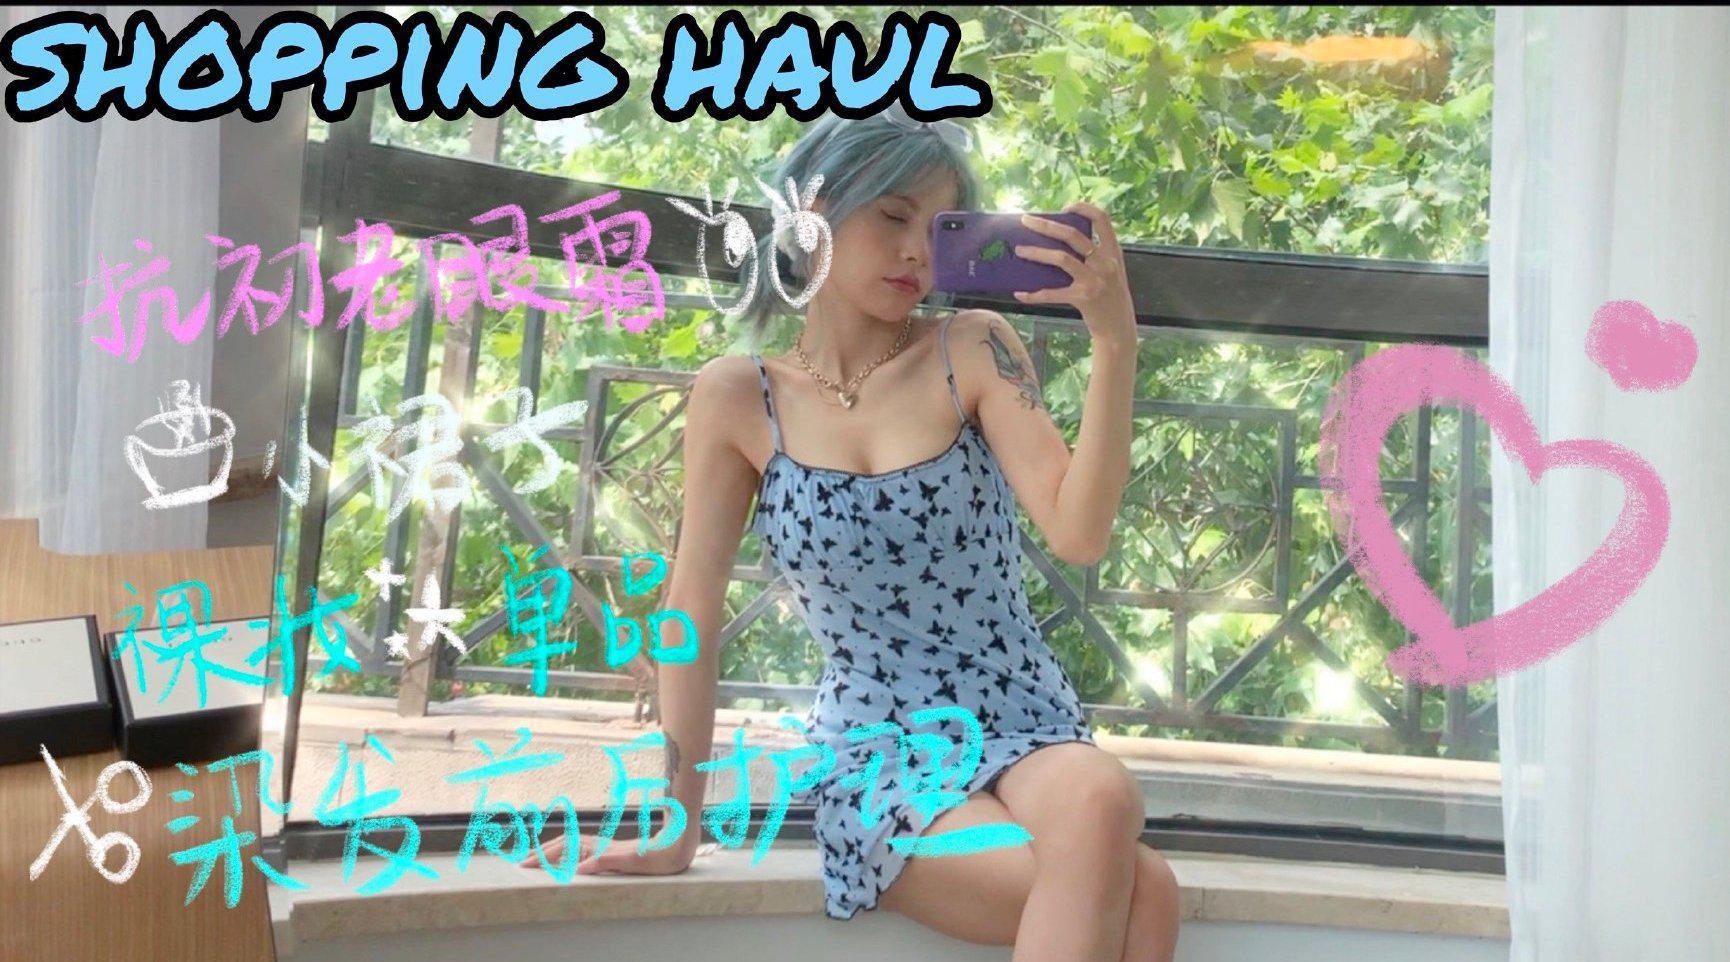 7月 shopping haul 1⃣️高性价比眼霜和神仙裸妆单品!